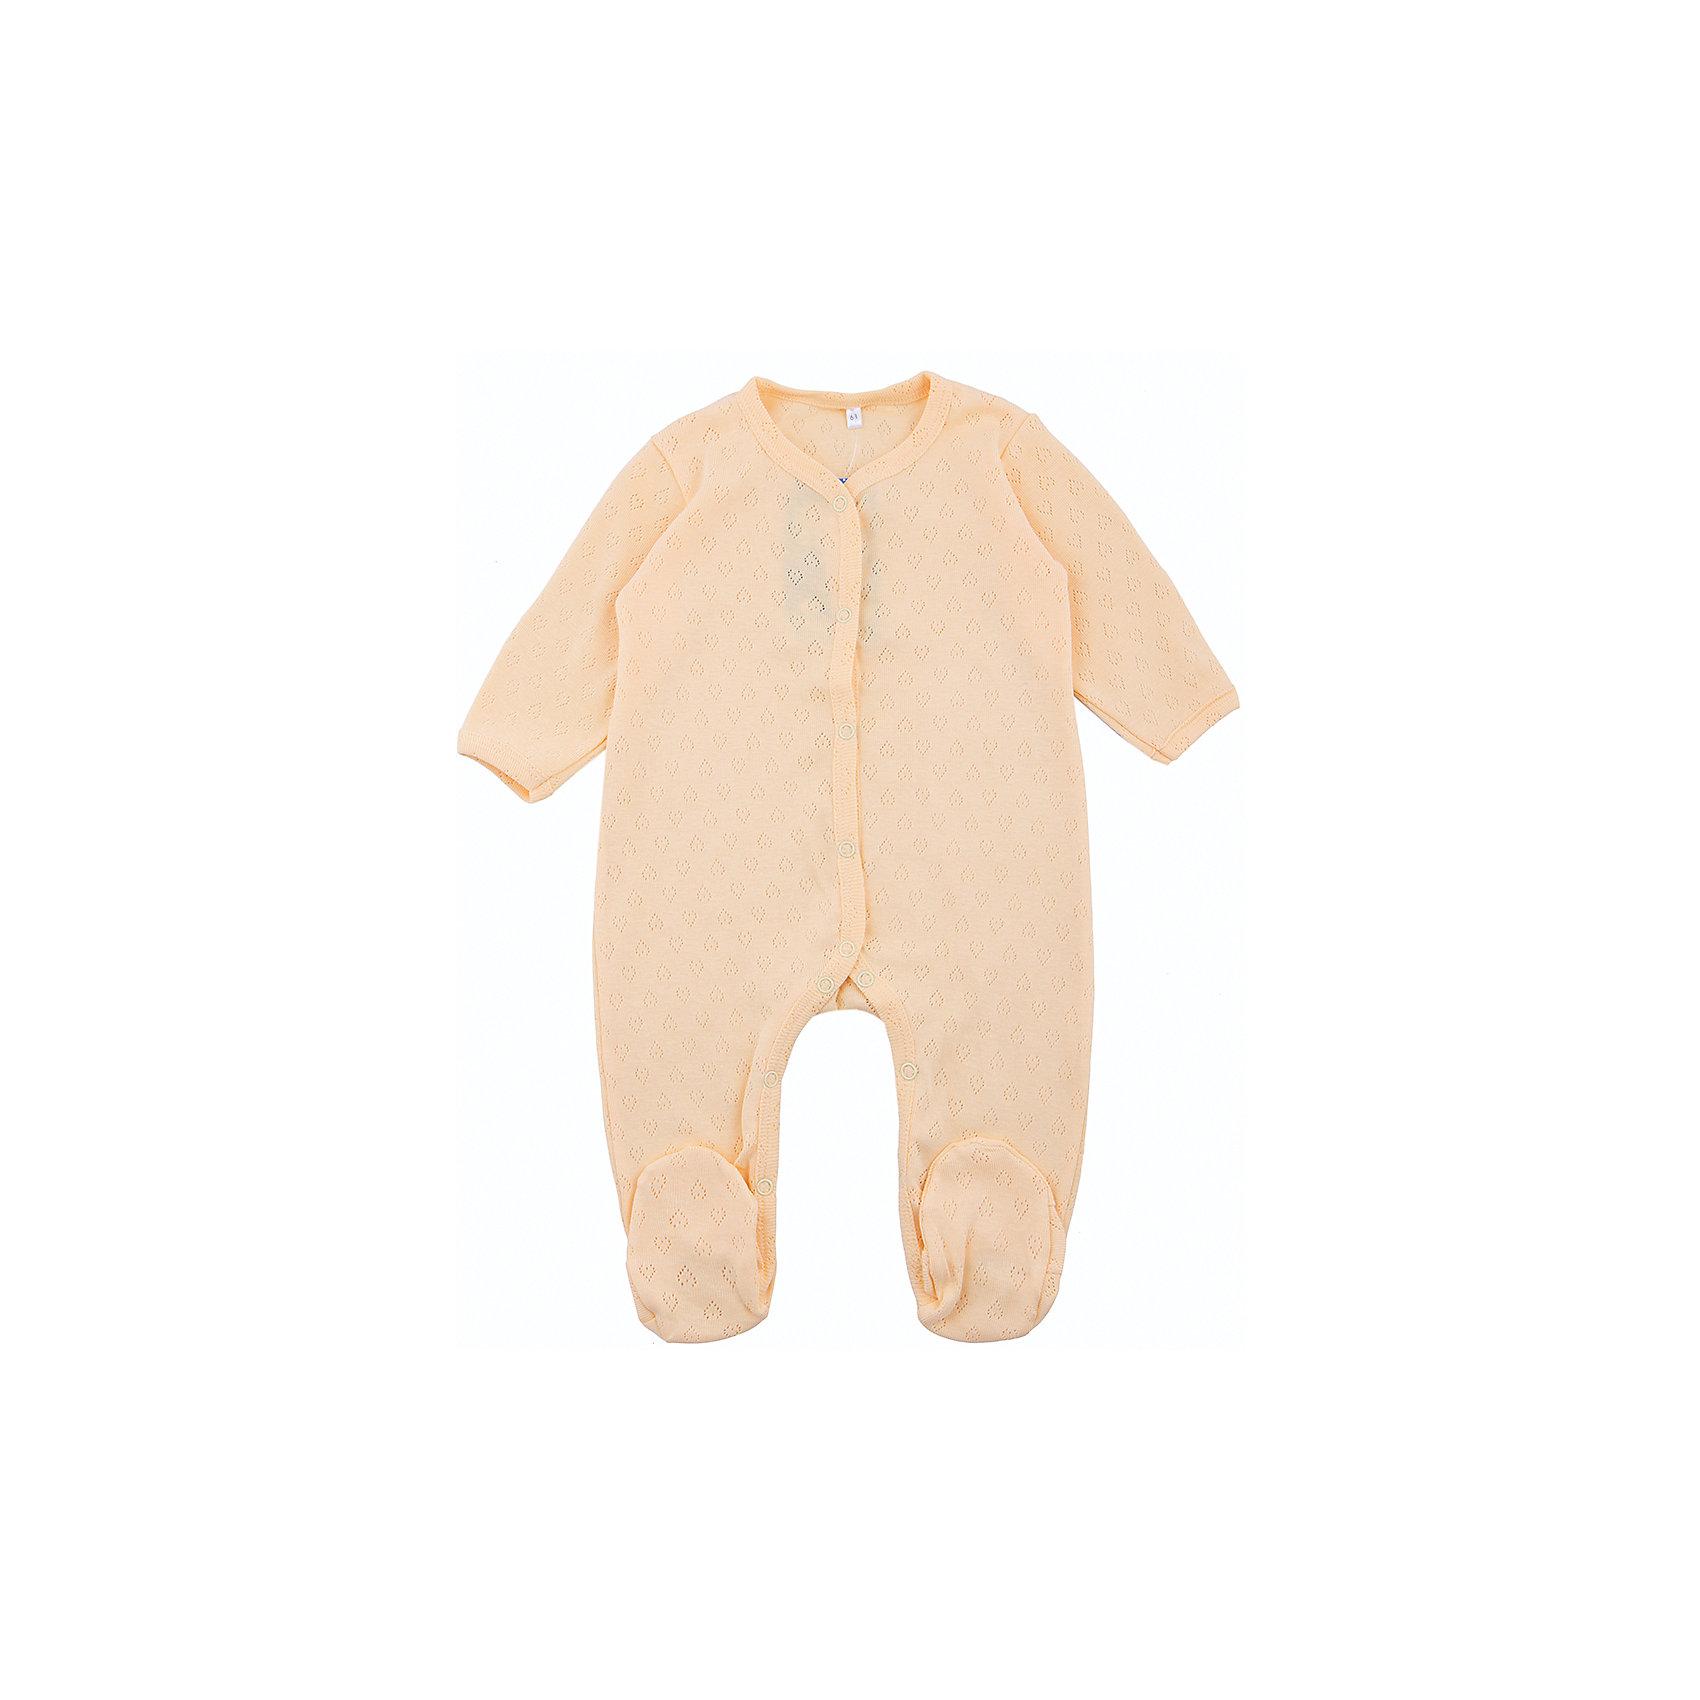 Комбинезон Soni KidsКомбинезоны<br>Комбинезон от популярной марки Soni Kids<br><br>Симпатичный комбинезон создан специально для самых маленьких. Он обеспечит ребенку удобство, не будет натирать,  а также позволит коже дышать.<br><br>Особенности модели:<br><br>- цвет - желтый;<br>- материал - натуральный ажурный хлопок-рибана;<br>- рукава длинные;<br>- мягкая окантовка;<br>- застежки - кнопки впереди и внизу.<br><br>Дополнительная информация:<br><br>Состав:  100% хлопок (рибана)<br><br>Габариты:<br><br>длина - 54 см;<br>длина рукава - 21.<br><br>*соответствует размеру 68<br><br>Комбинезон от популярной марки Soni Kids (Сони Кидс) можно купить в нашем магазине.<br><br>Ширина мм: 157<br>Глубина мм: 13<br>Высота мм: 119<br>Вес г: 200<br>Цвет: желтый<br>Возраст от месяцев: 3<br>Возраст до месяцев: 6<br>Пол: Унисекс<br>Возраст: Детский<br>Размер: 68,62,74,80,56<br>SKU: 4323217